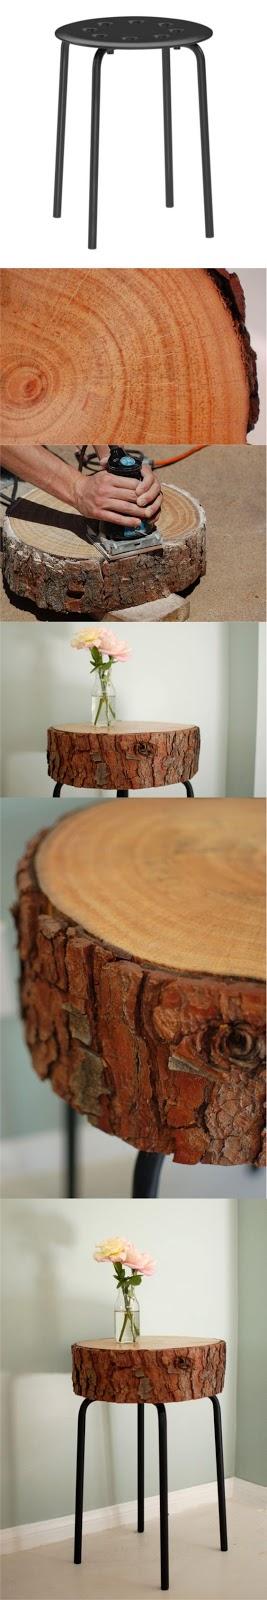 hawkers_Ikea_ideas_DIY_lolalolailo_01